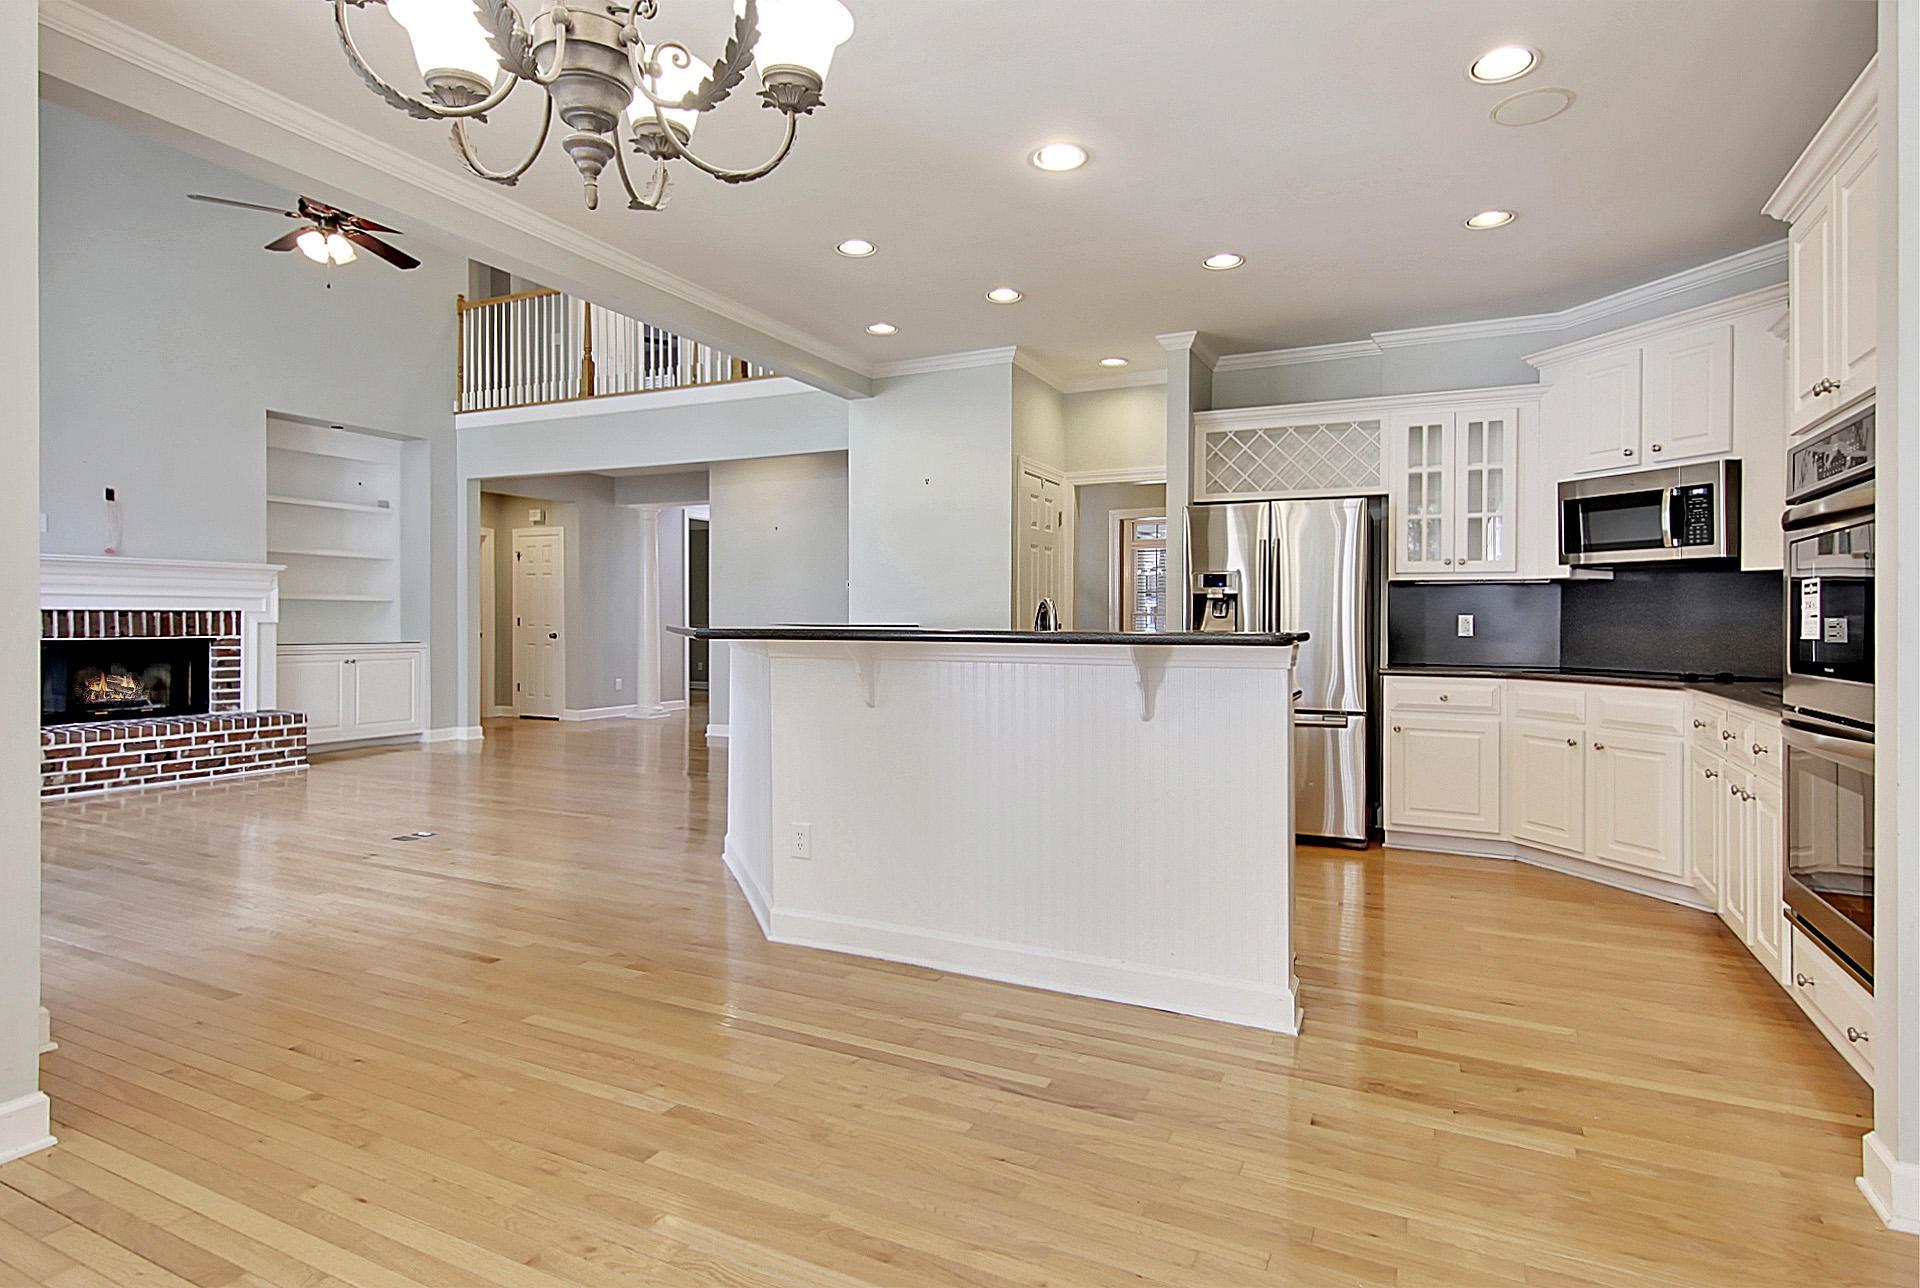 Dunes West Homes For Sale - 2236 Black Oak, Mount Pleasant, SC - 57